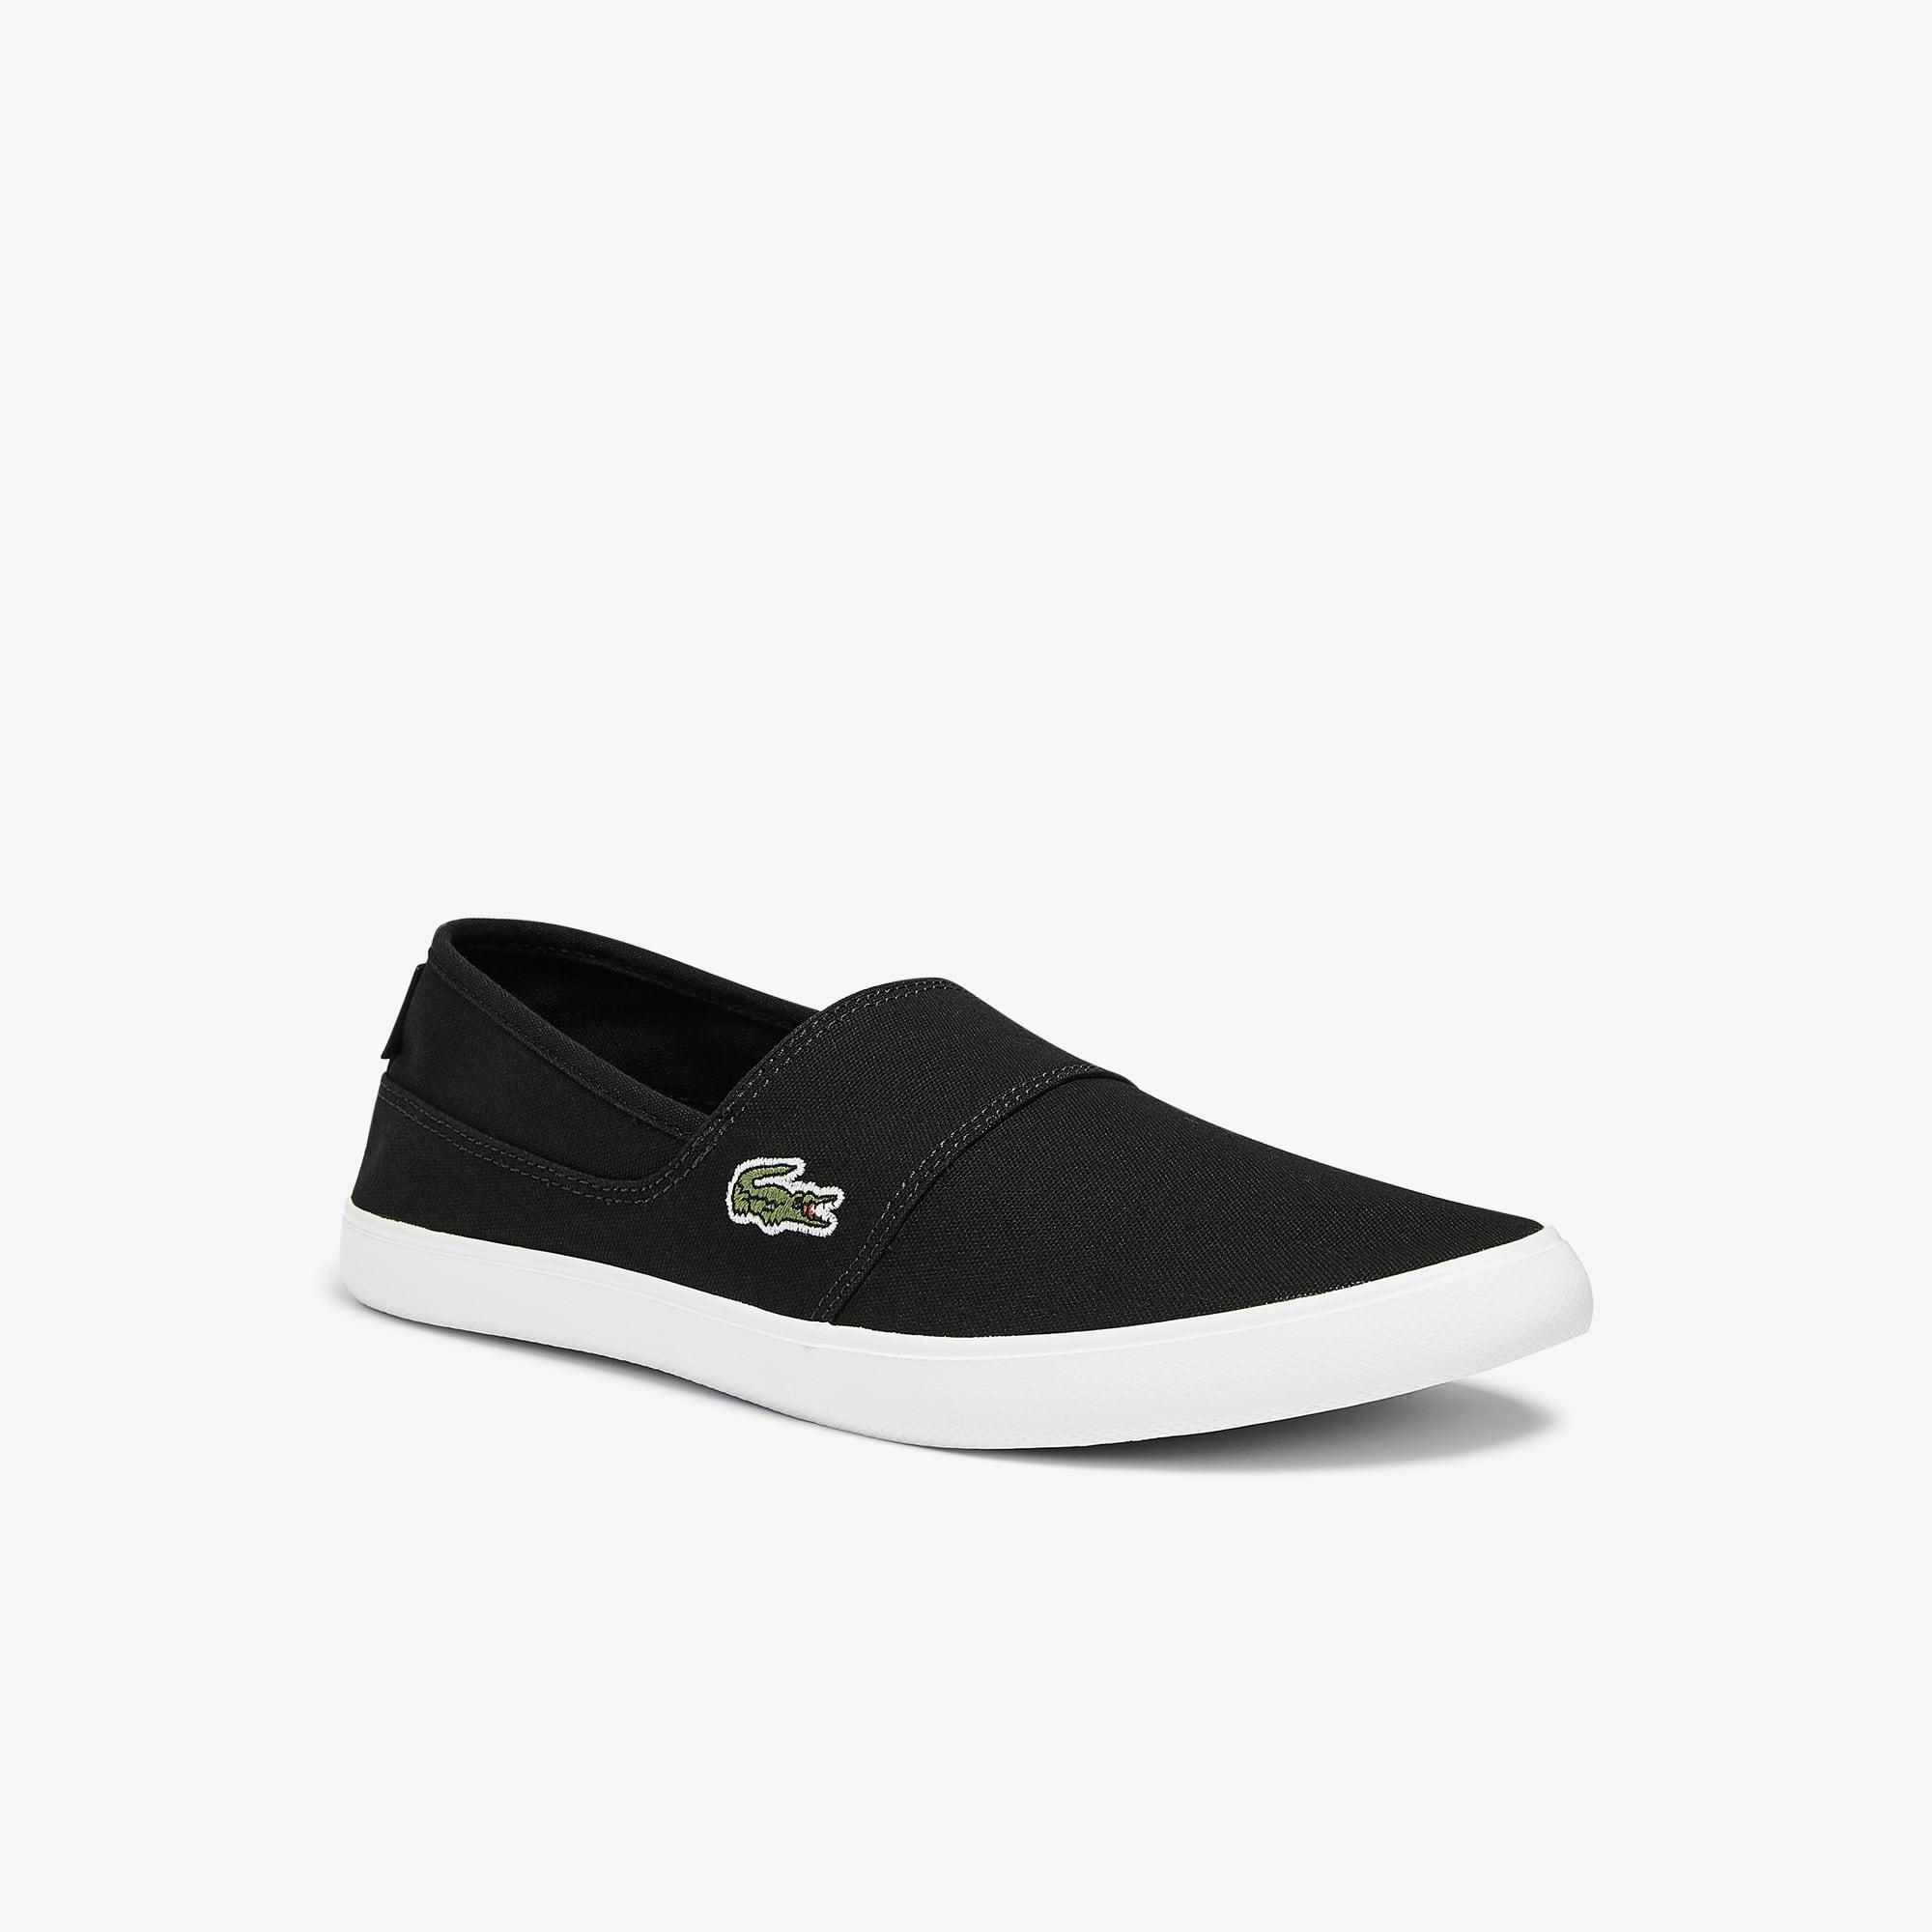 b889b3e14fb82c All Shoes